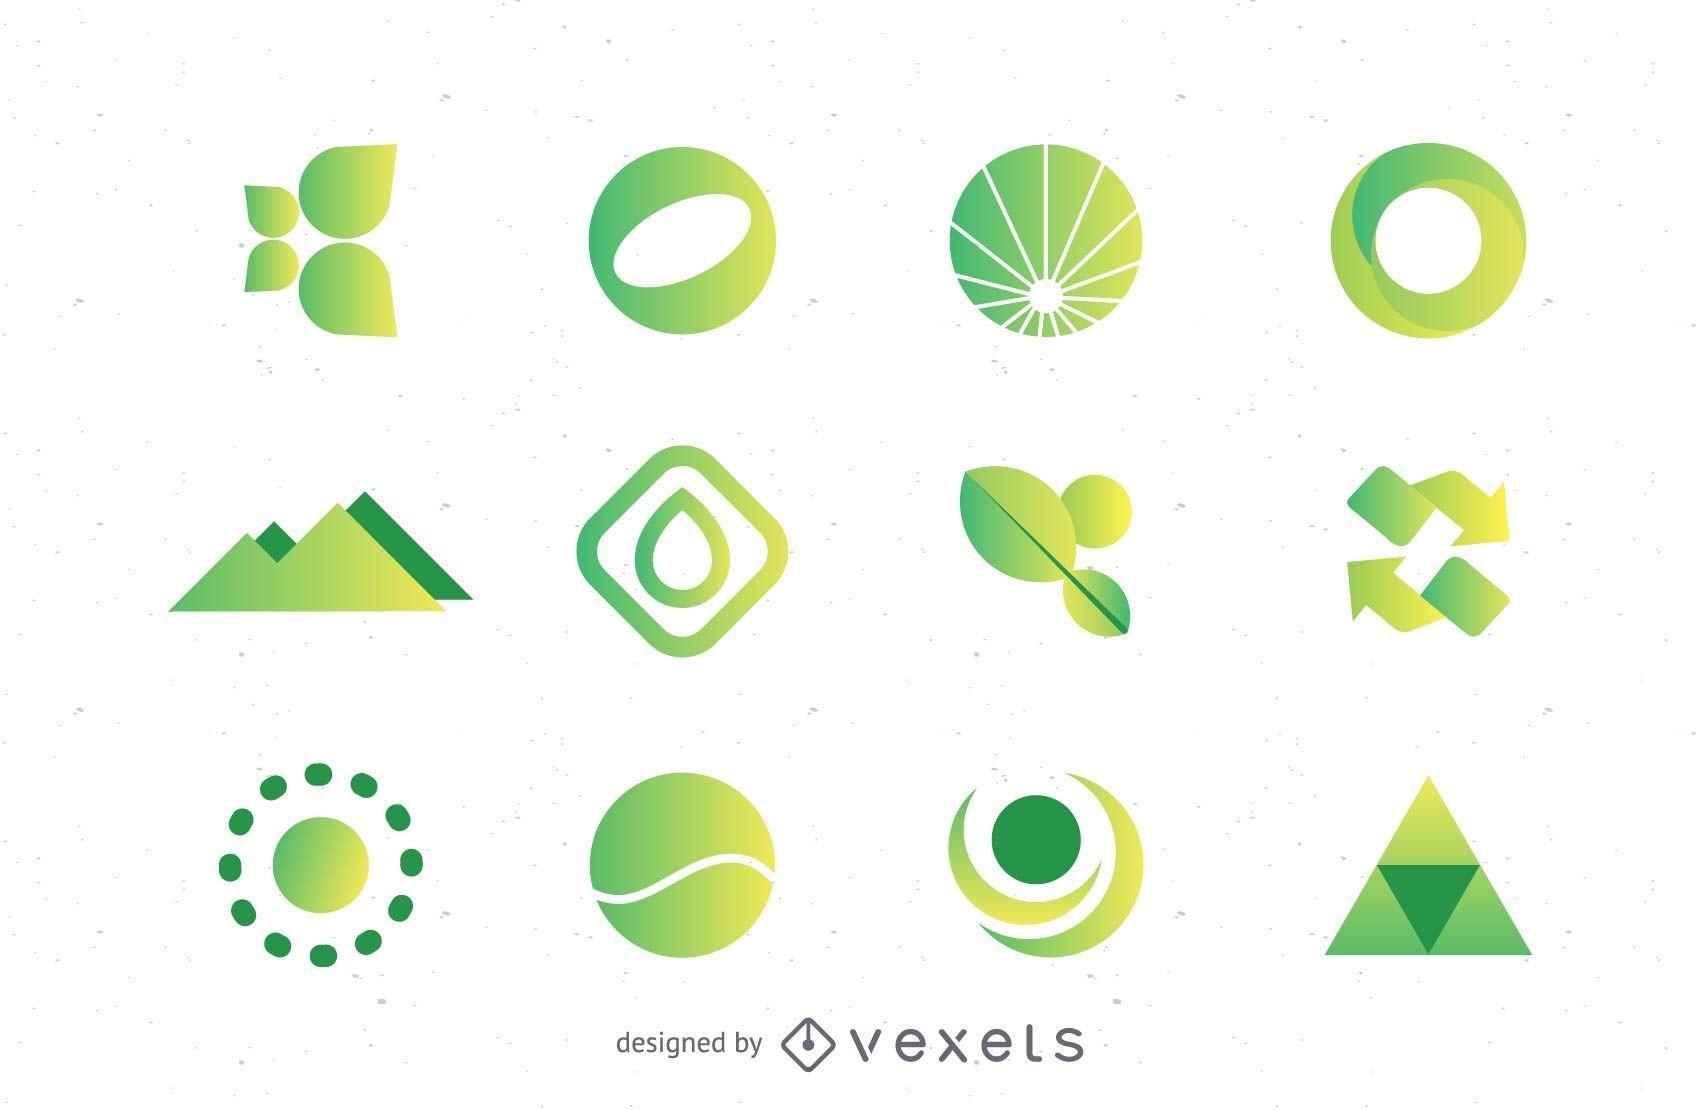 Green logos set collection